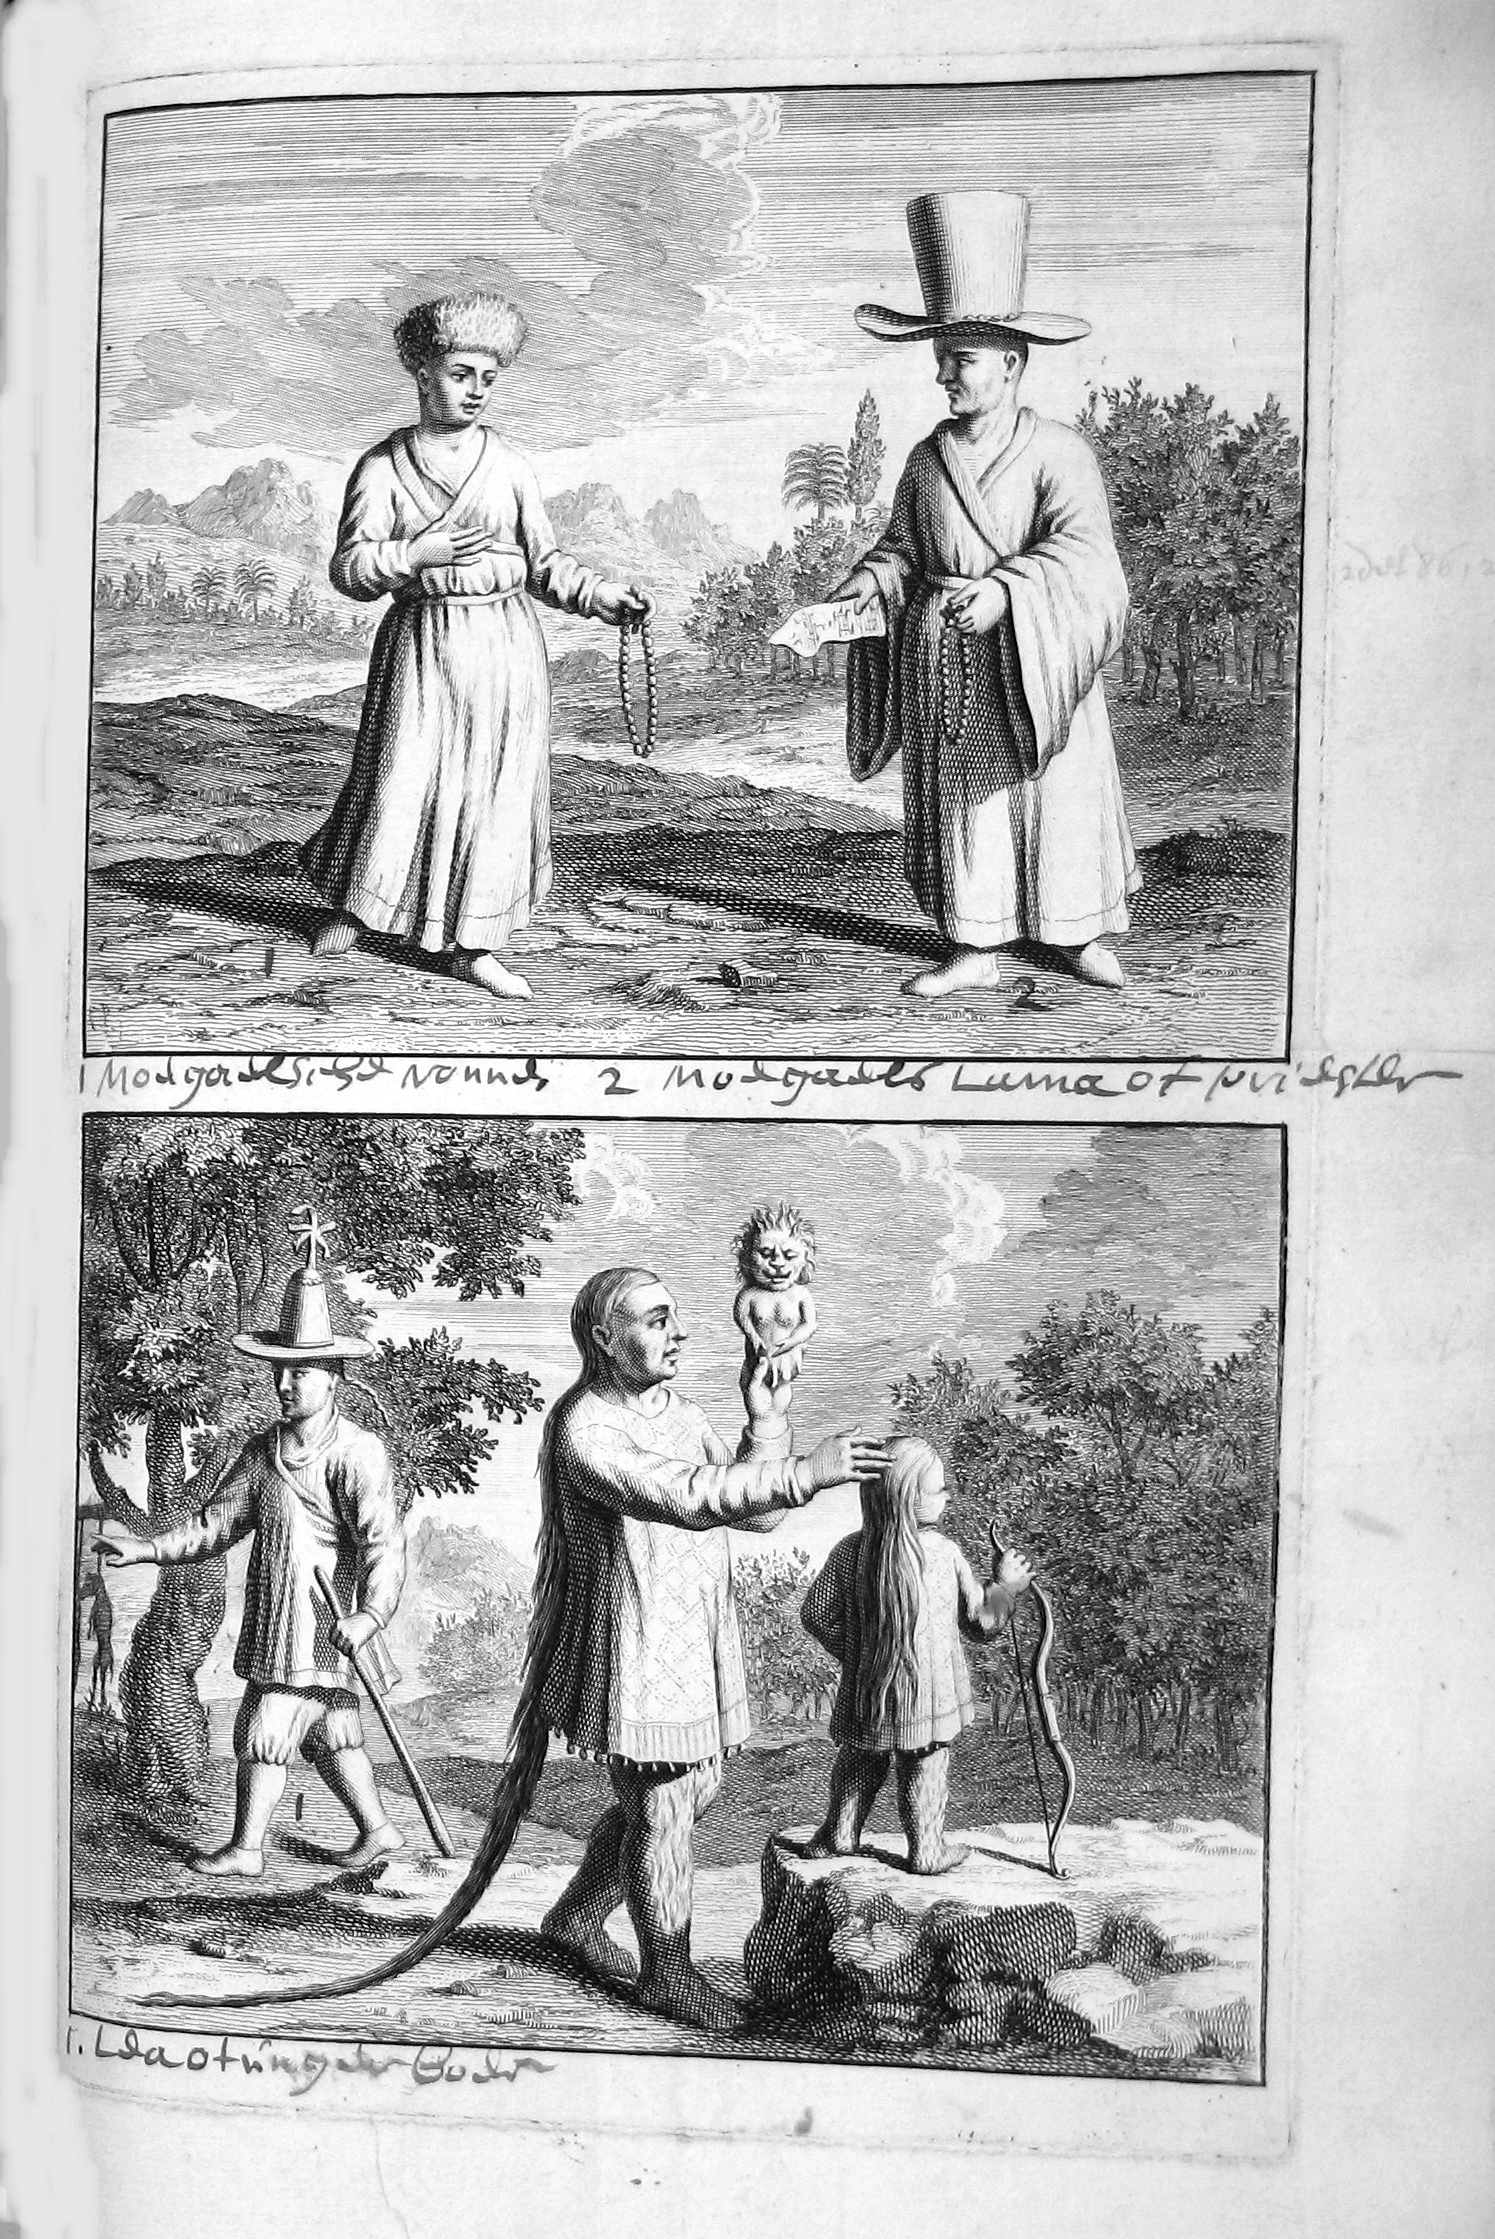 Мугальская монахиня. Мугальский лама или священник